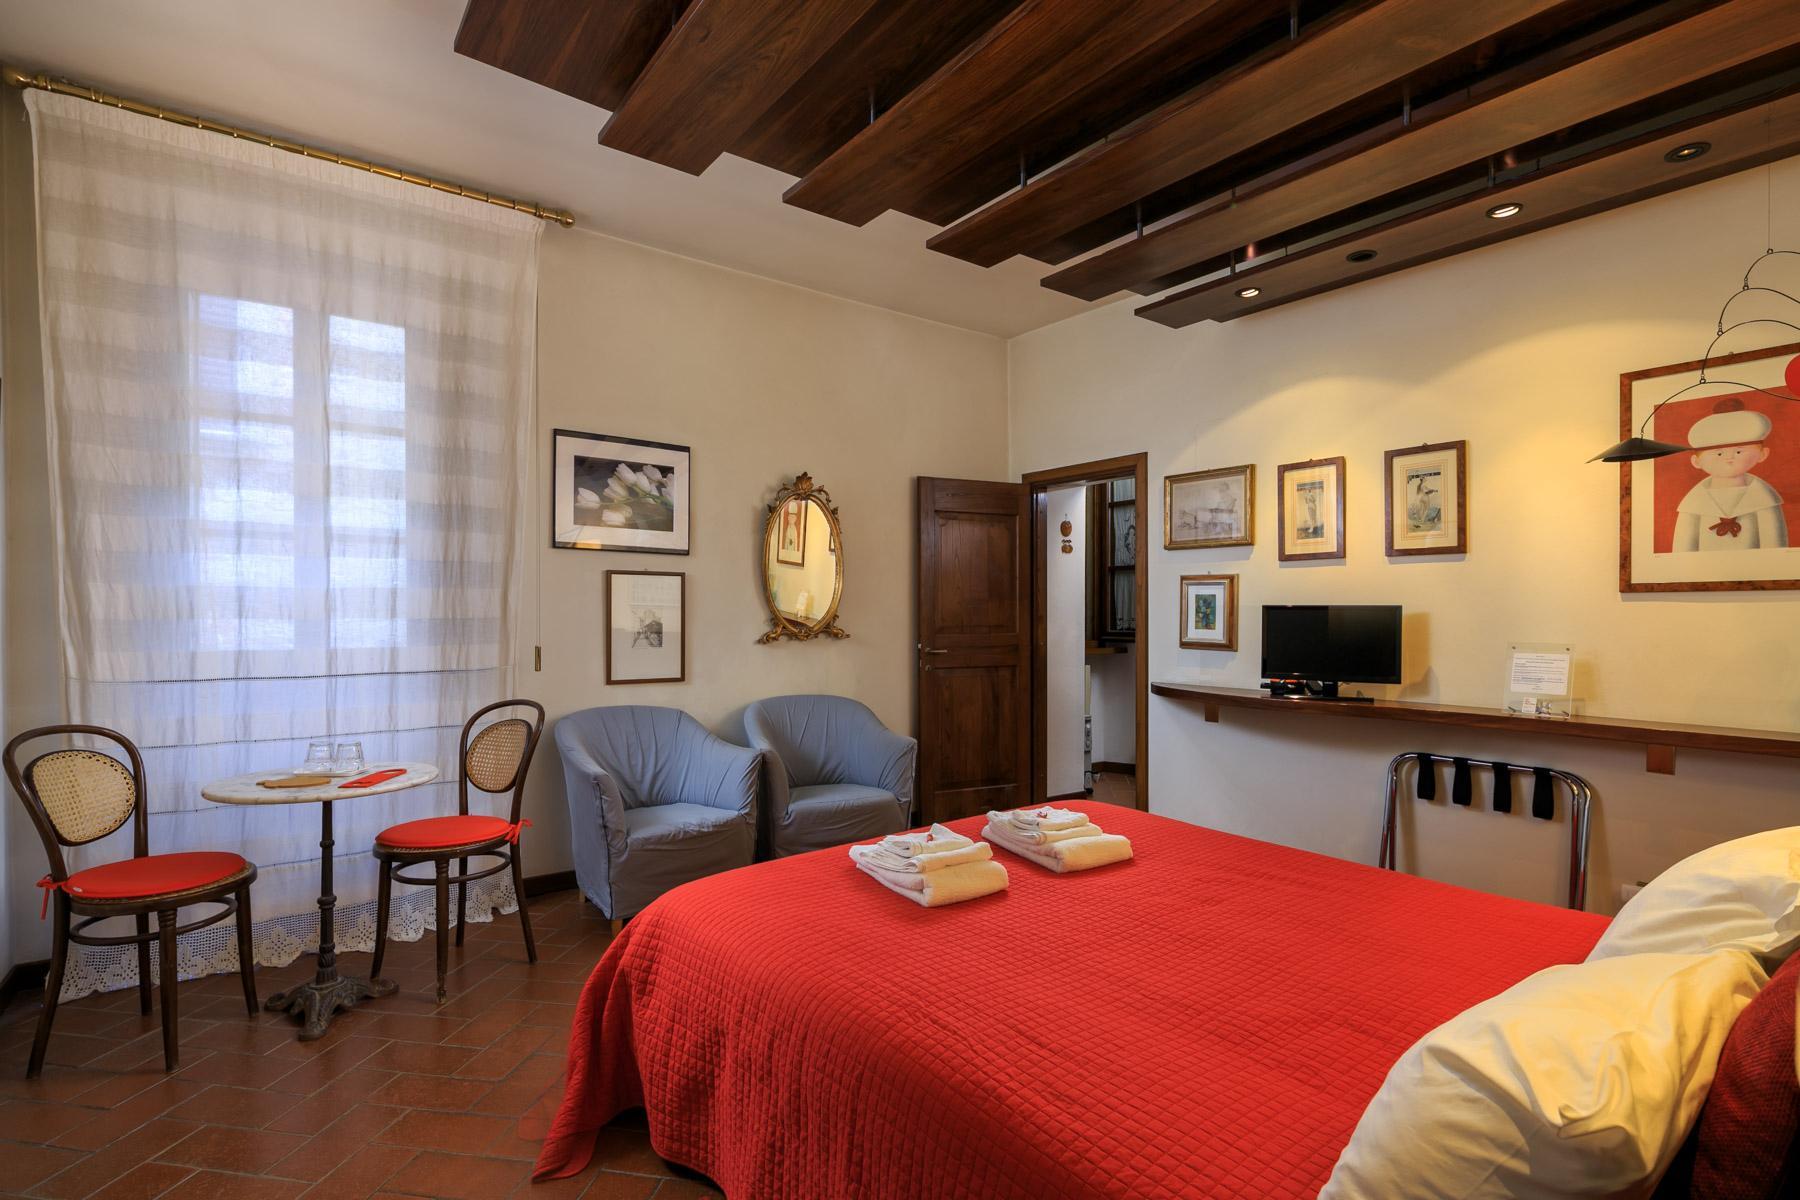 Palazzo Rinascimentale in Vendita a pochi passi da Piazza Grande, Arezzo - 14